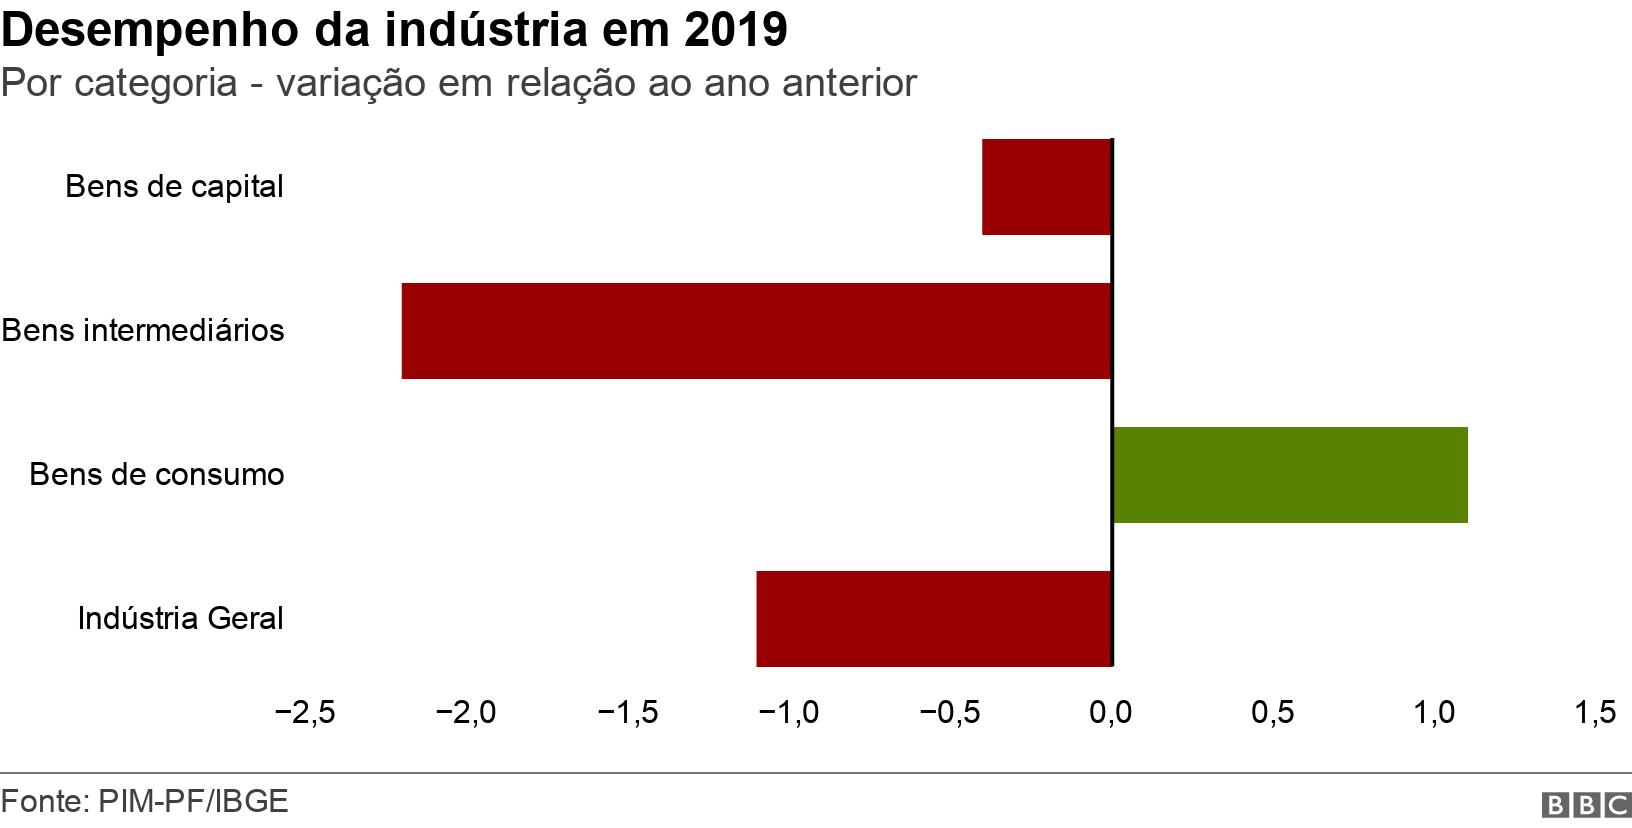 Desempenho da indústria em 2019. Por categoria - variação em relação ao ano anterior.  .